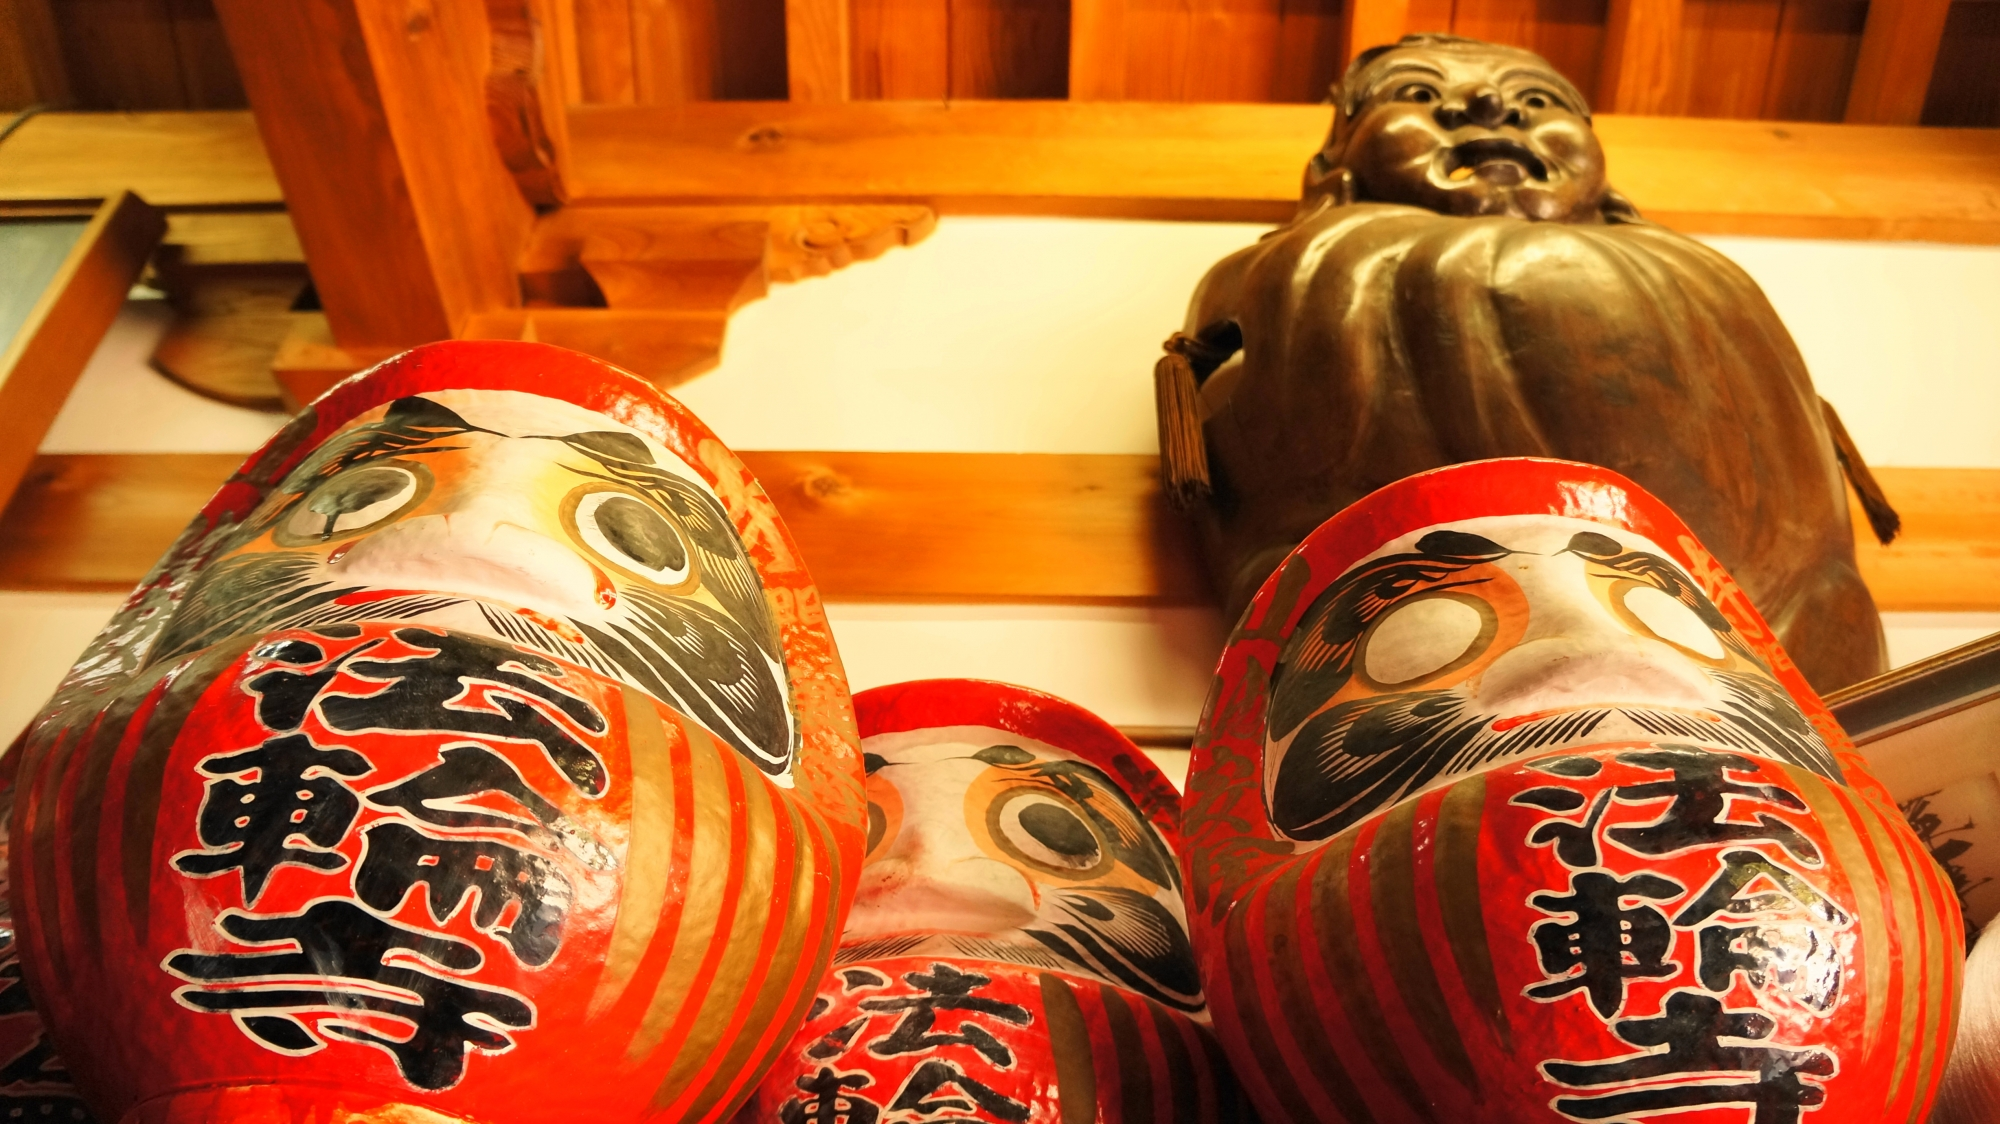 達磨堂の「法輪寺」の名前入りのだるまさん